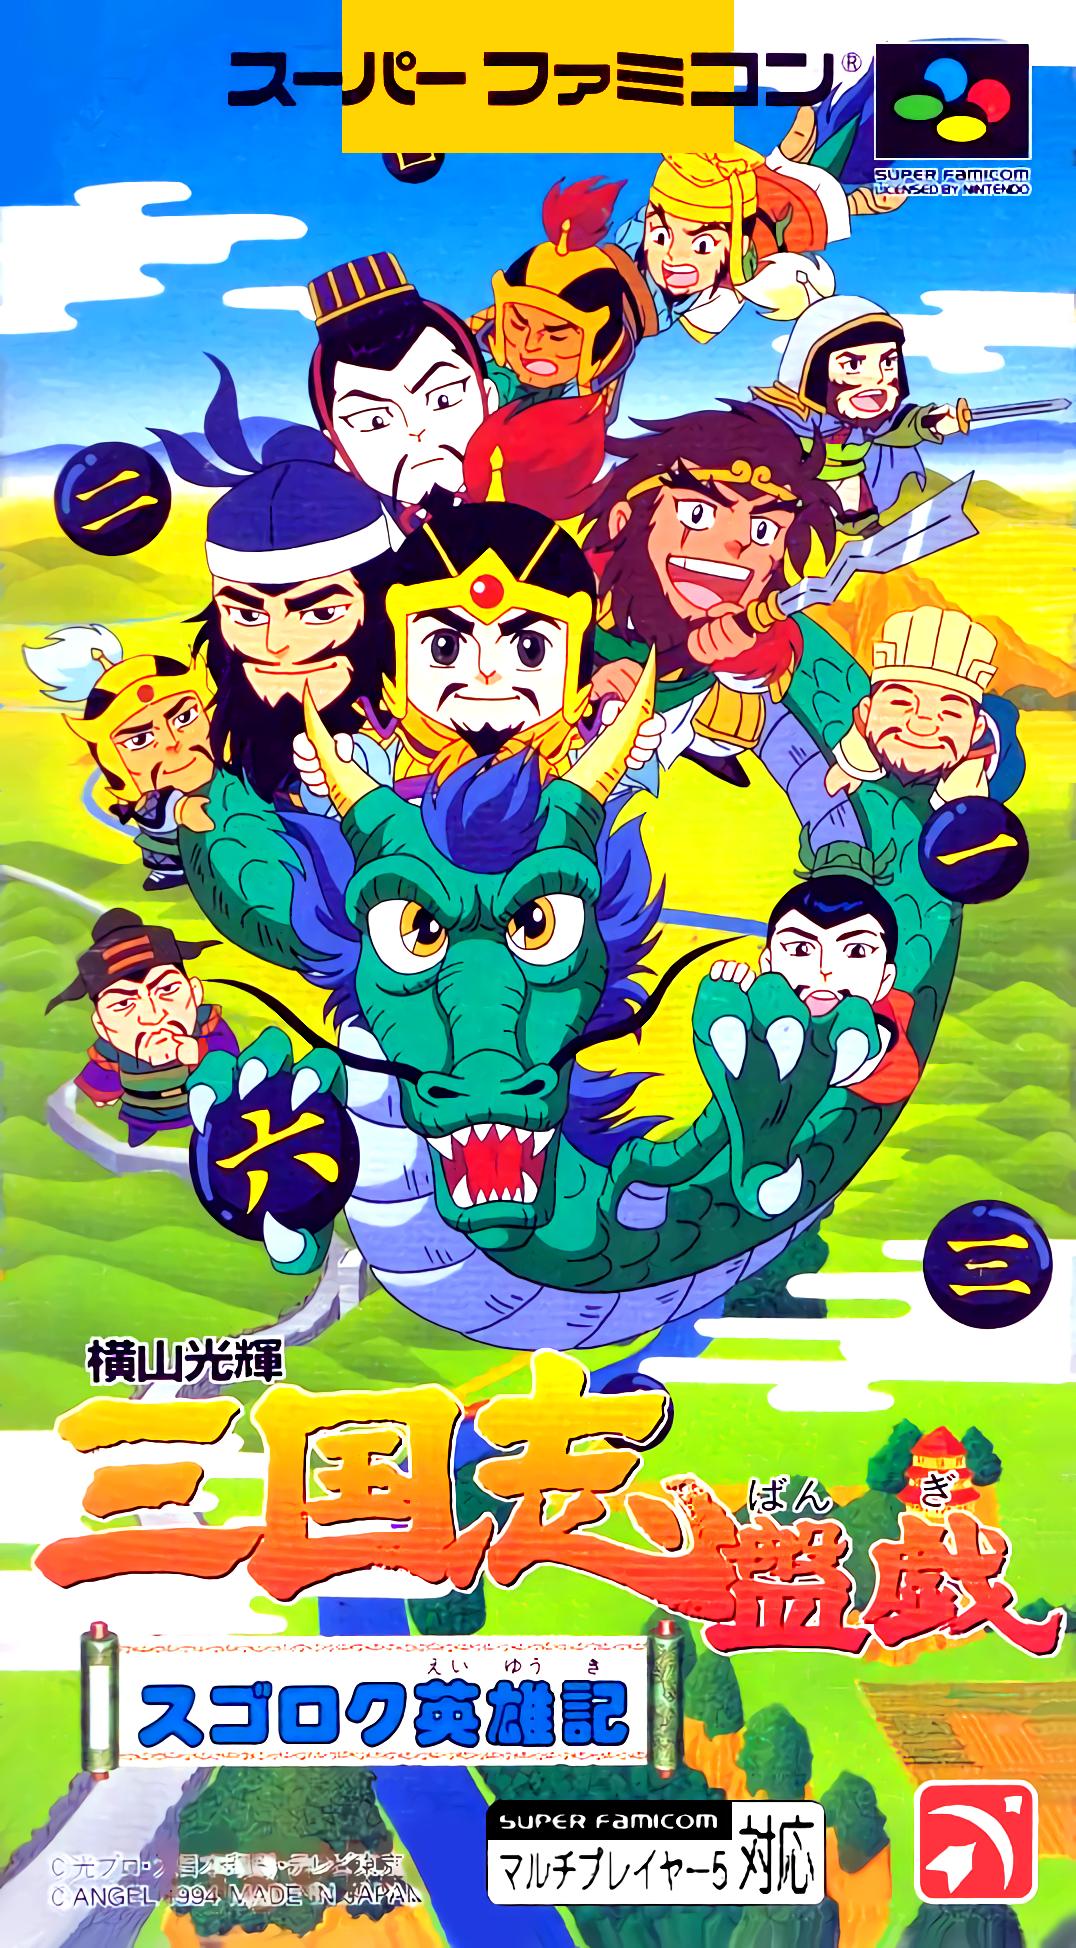 Yokoyama Mitsuteru Sangokushi Bangi : Sugoroku Eiyuu-ki